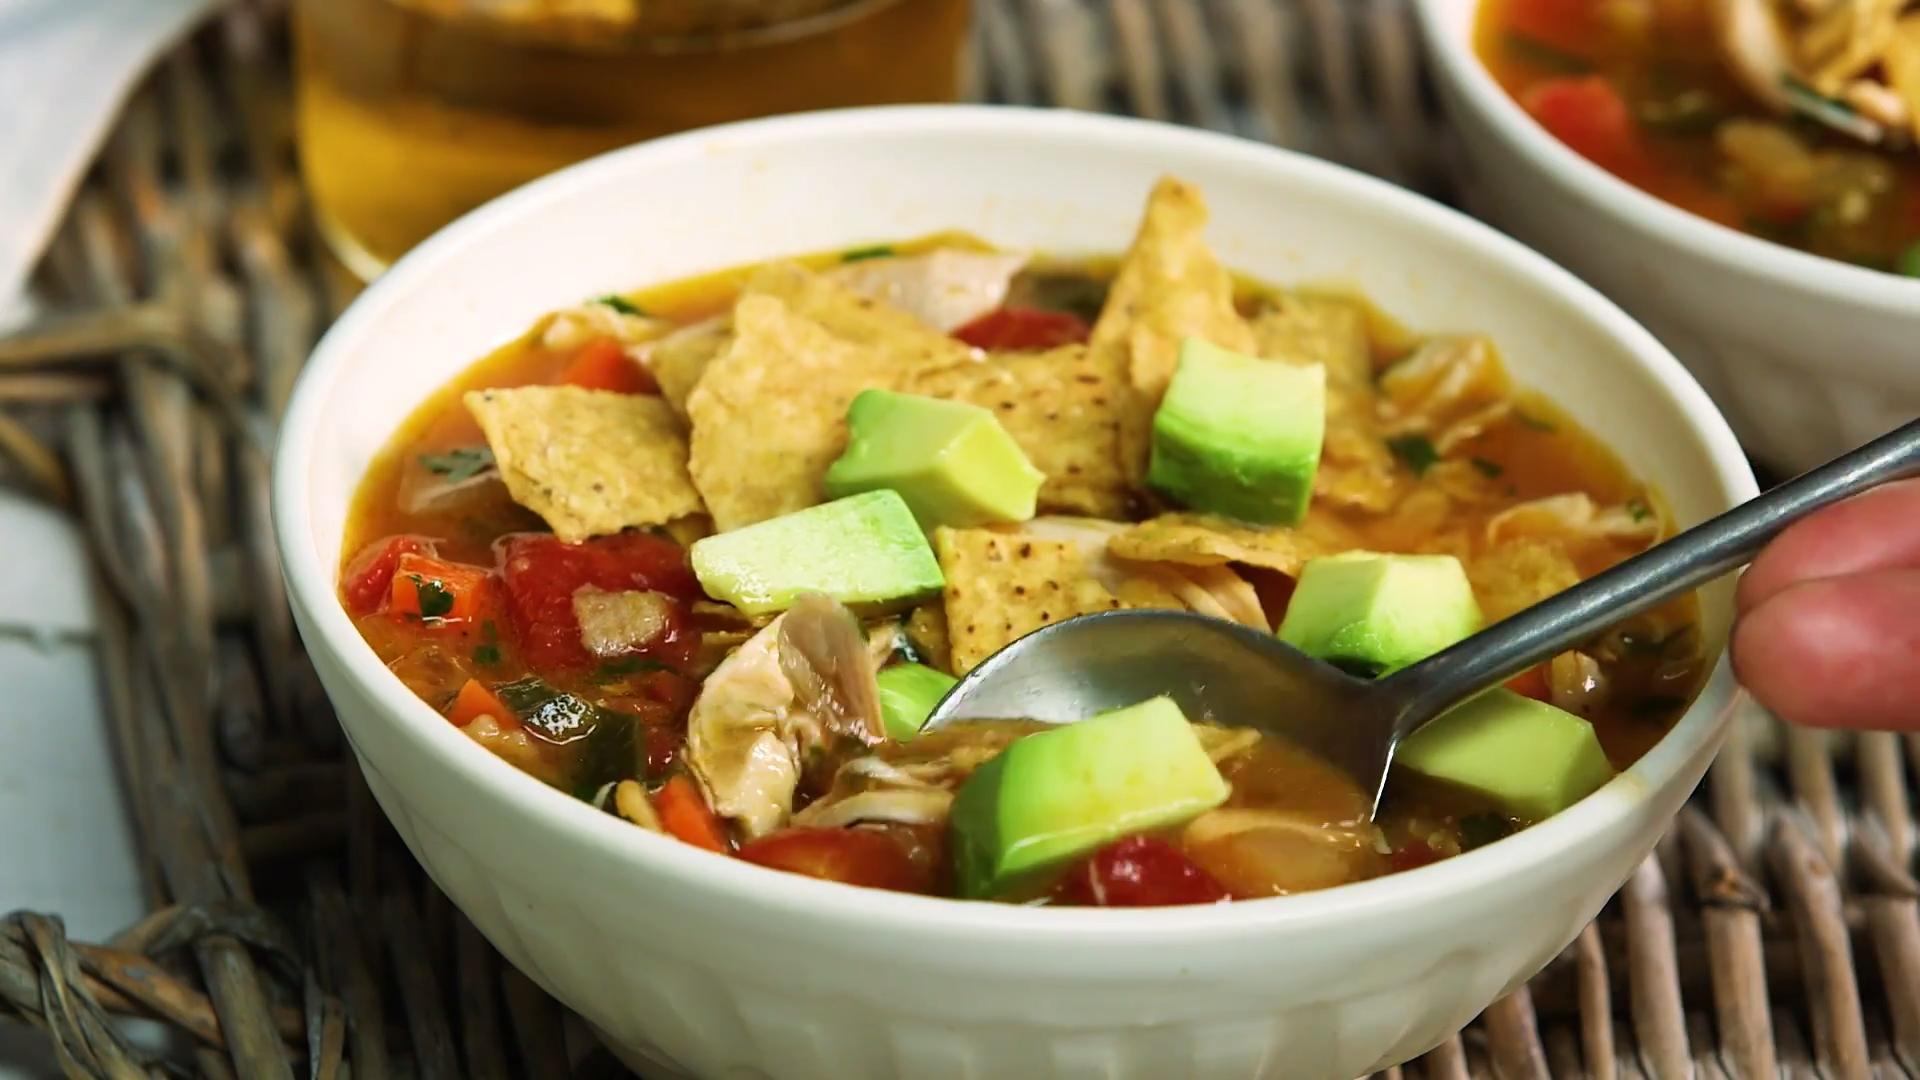 How to Make Chicken Poblano Tortilla Soup